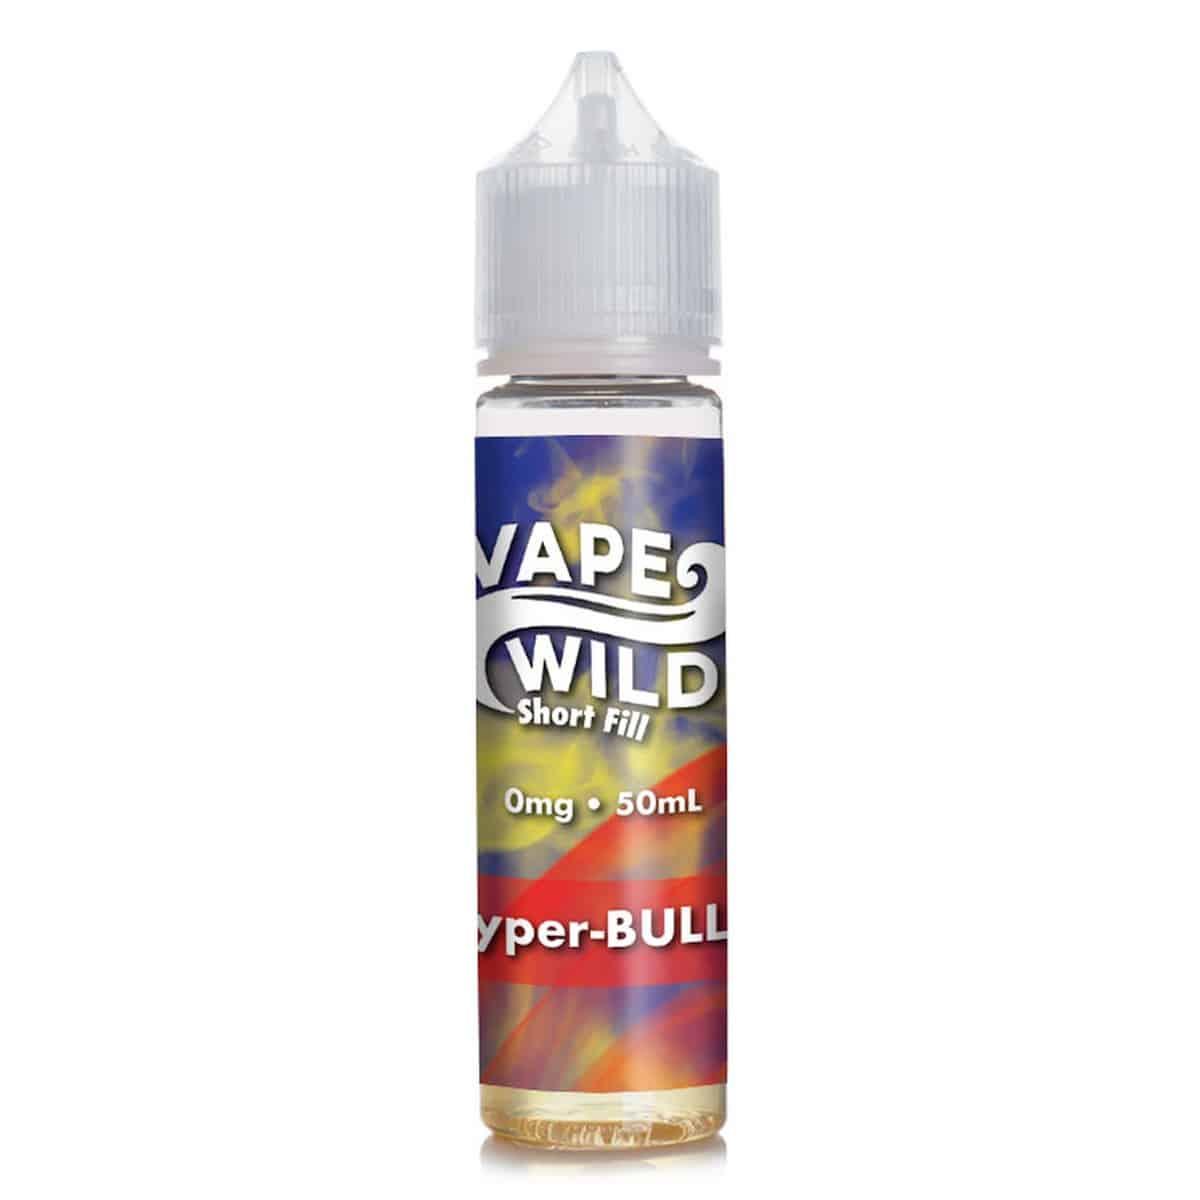 Hyper–BULL–e Vape Wild Shortfill 50ml